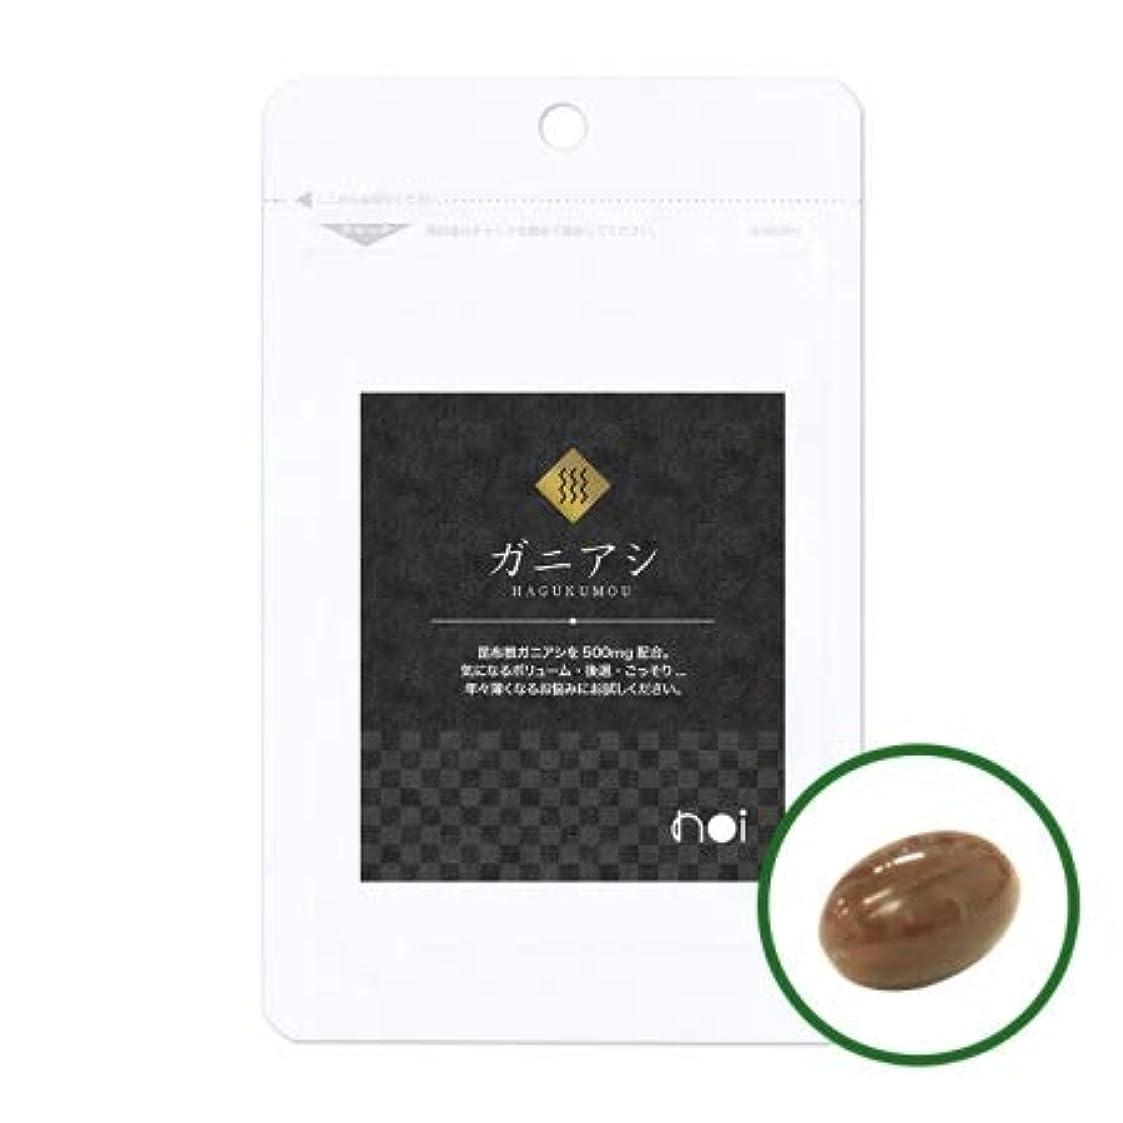 モルヒネ骨の折れるかび臭いnoi ガニアシ アグリマックス サプリメント 30袋セット 国産 ギガ盛り30%OFF